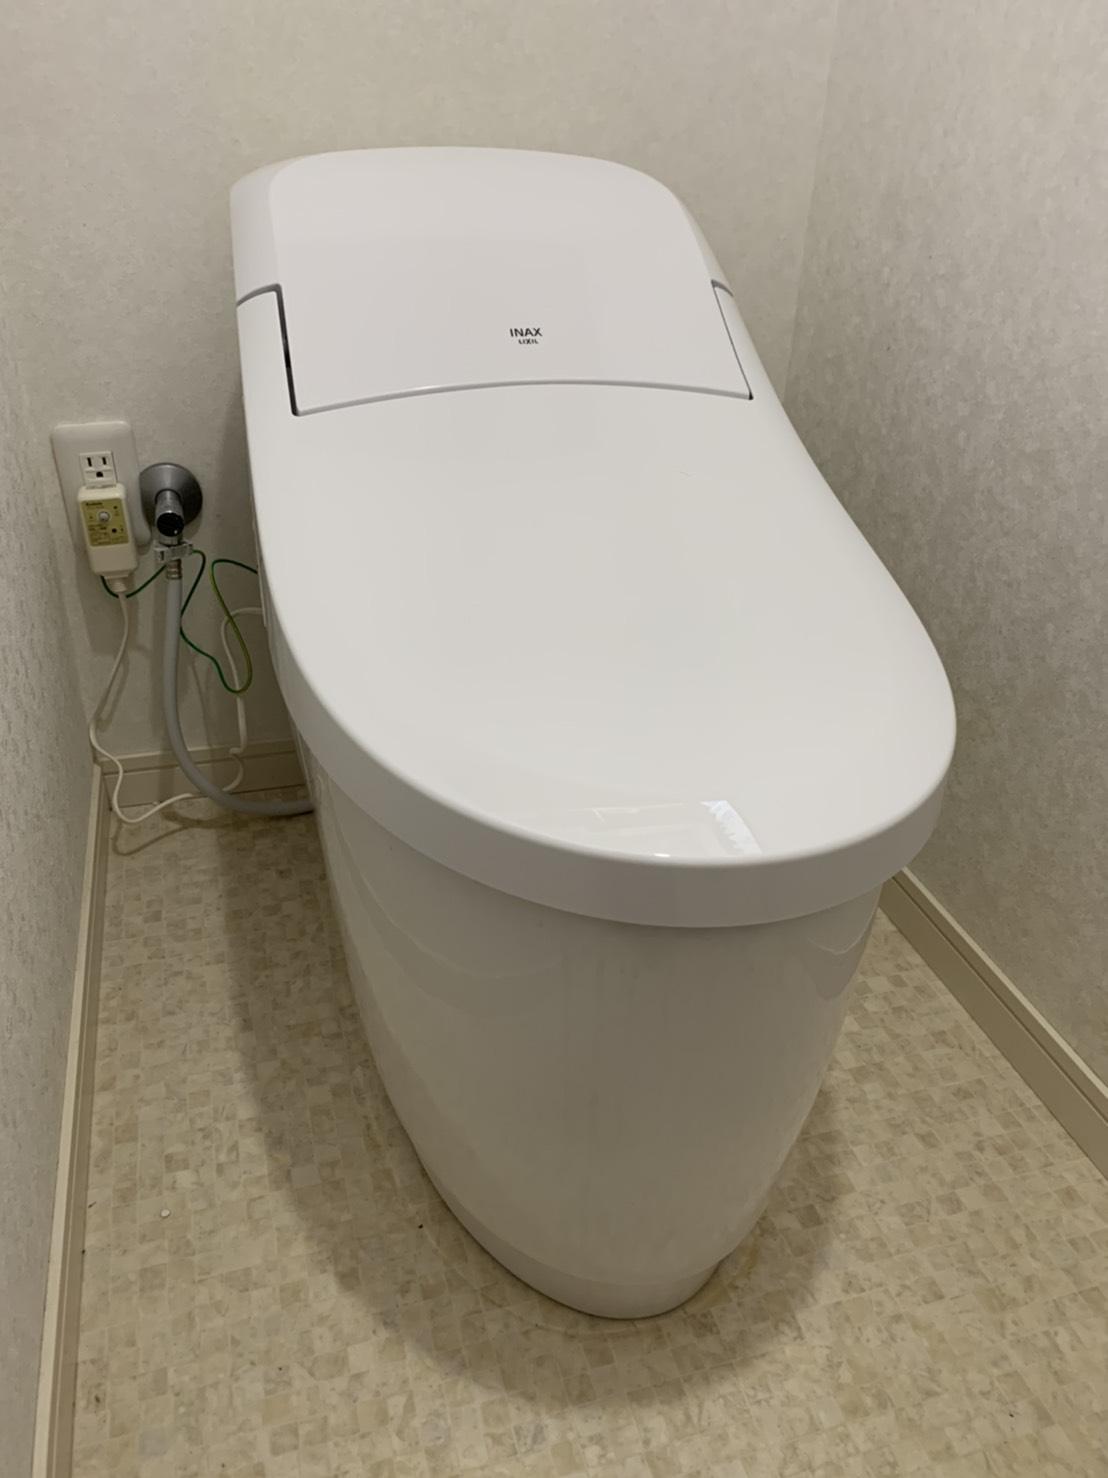 愛知県豊明市 トイレ改修工事 LIXILプレアスLS